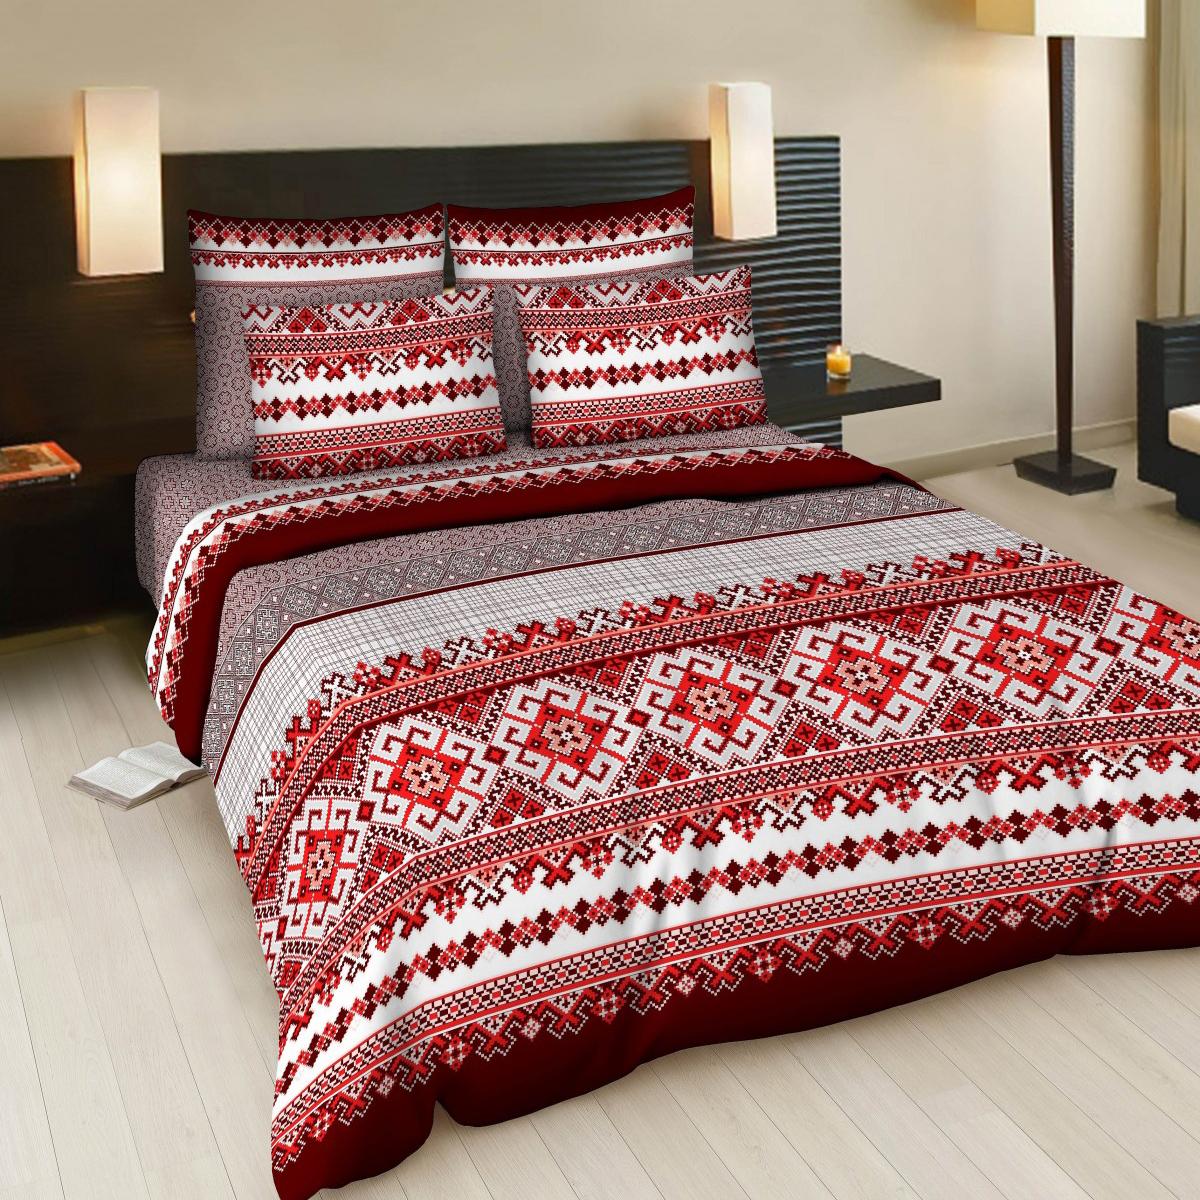 Комплект белья Letto Народные узоры, 1,5-спальный, наволочки 70х70, цвет: красный, белый, бордовый комплект белья letto народные узоры 1 5 спальный наволочки 70х70 цвет красный белый бордовый